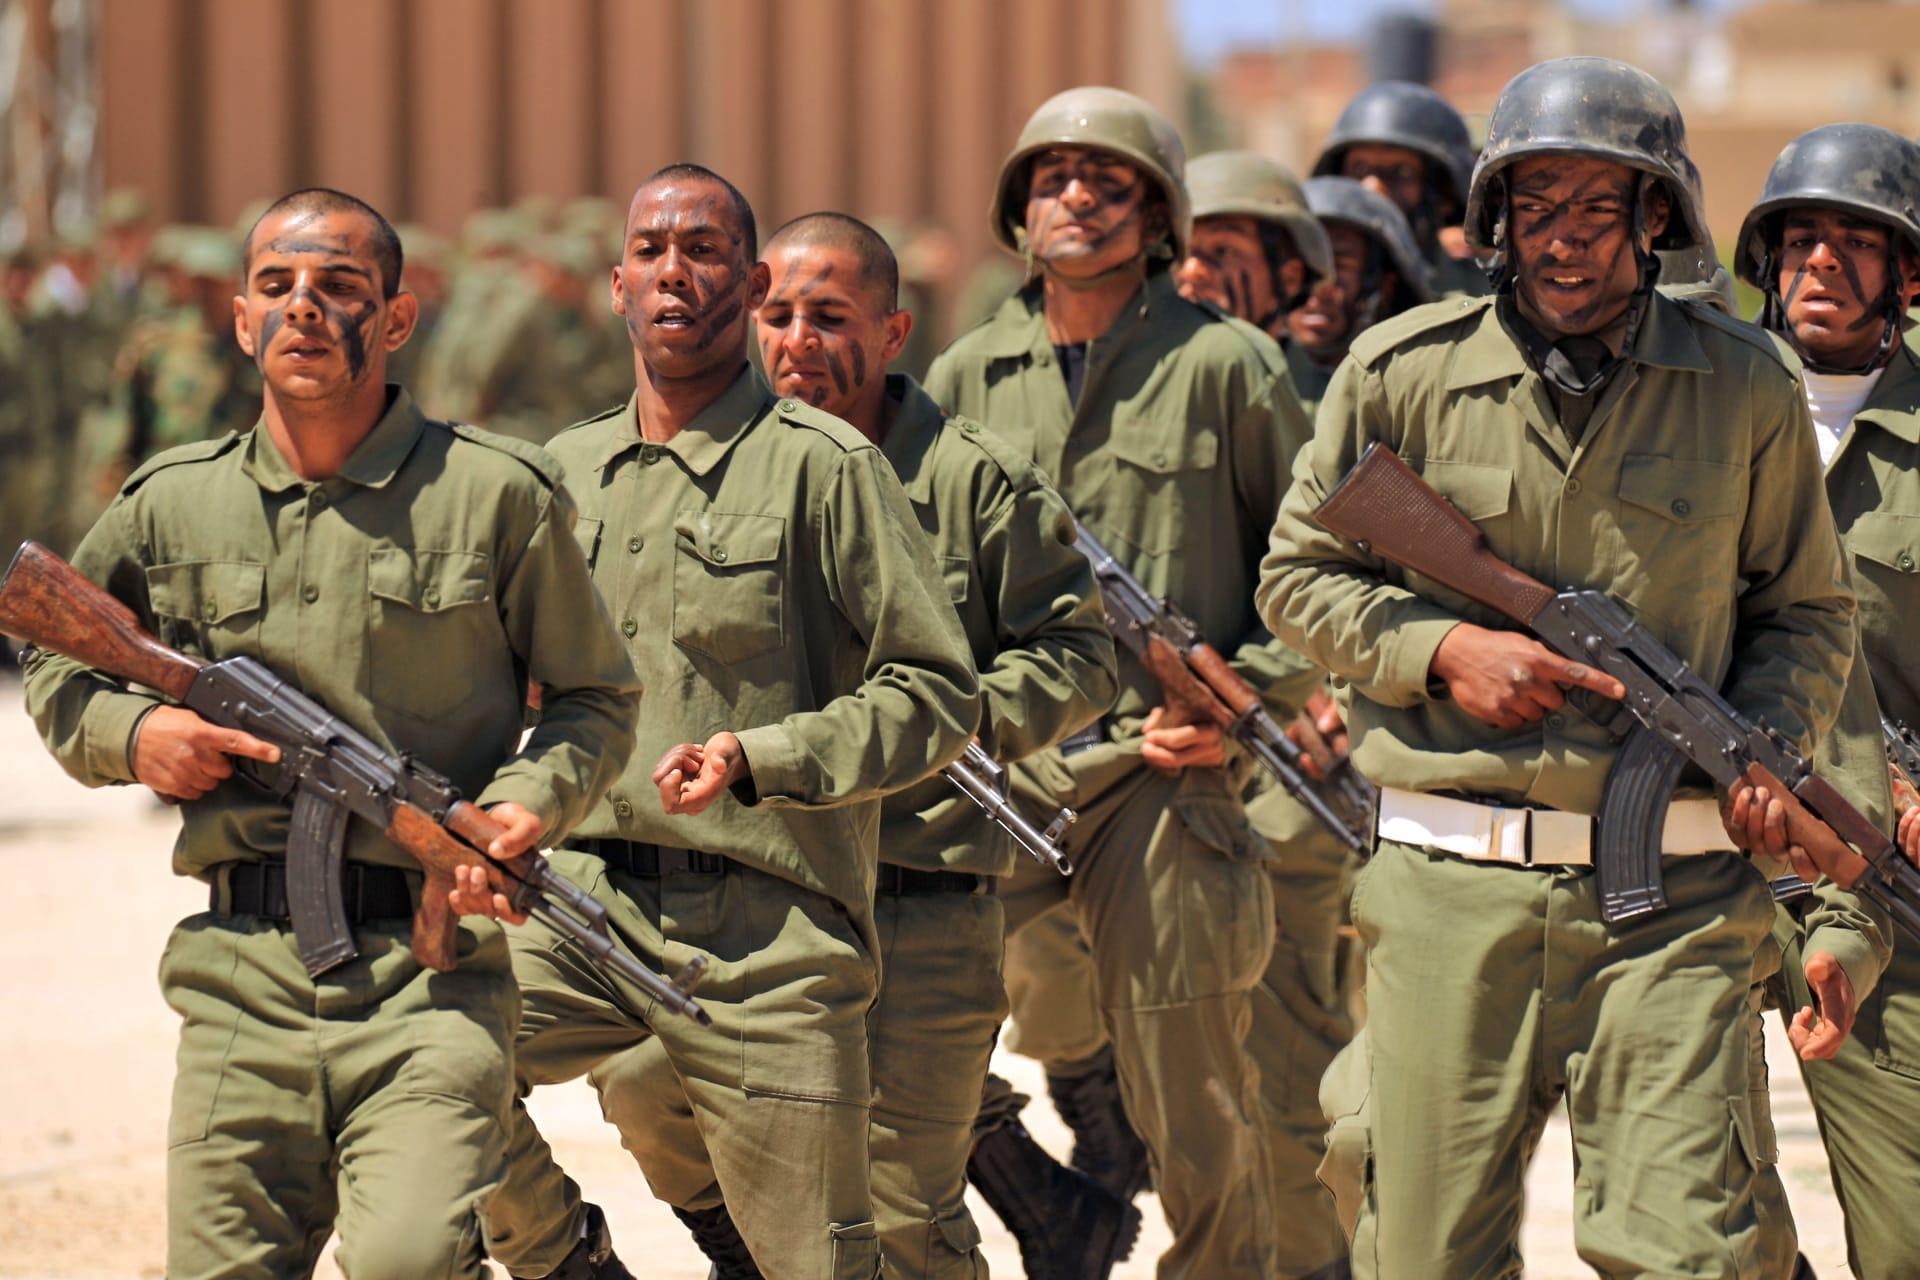 قوات حفتر تُعلن مقتل زعيم داعش في شمال أفريقيا: دخل إلى ليبيا عبر تركيا